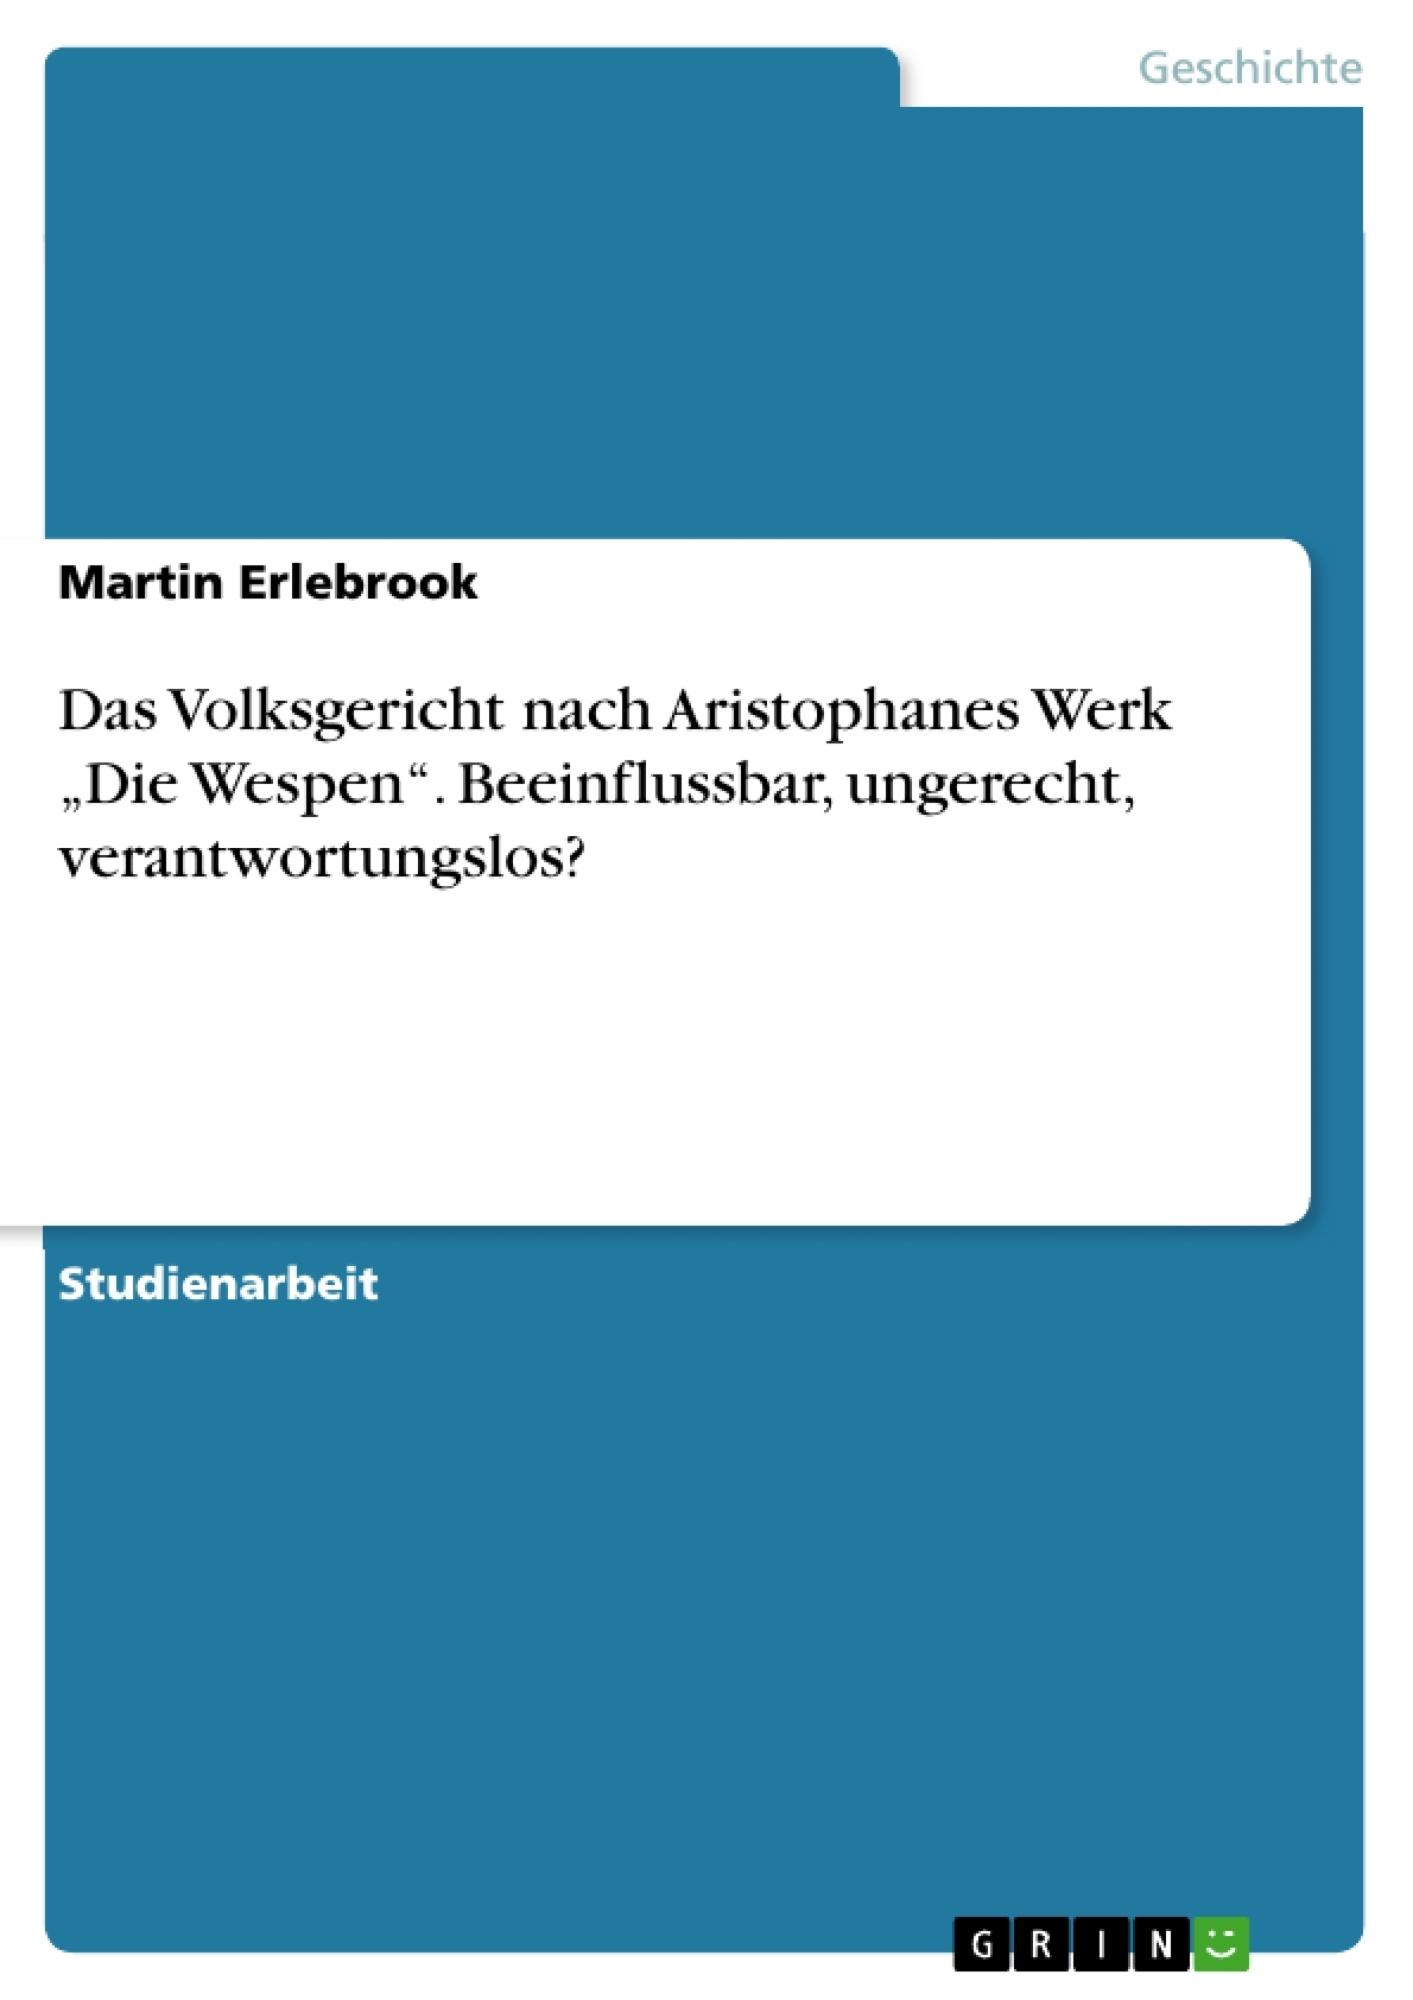 """Titel: Das Volksgericht nach Aristophanes Werk """"Die Wespen"""". Beeinflussbar, ungerecht, verantwortungslos?"""